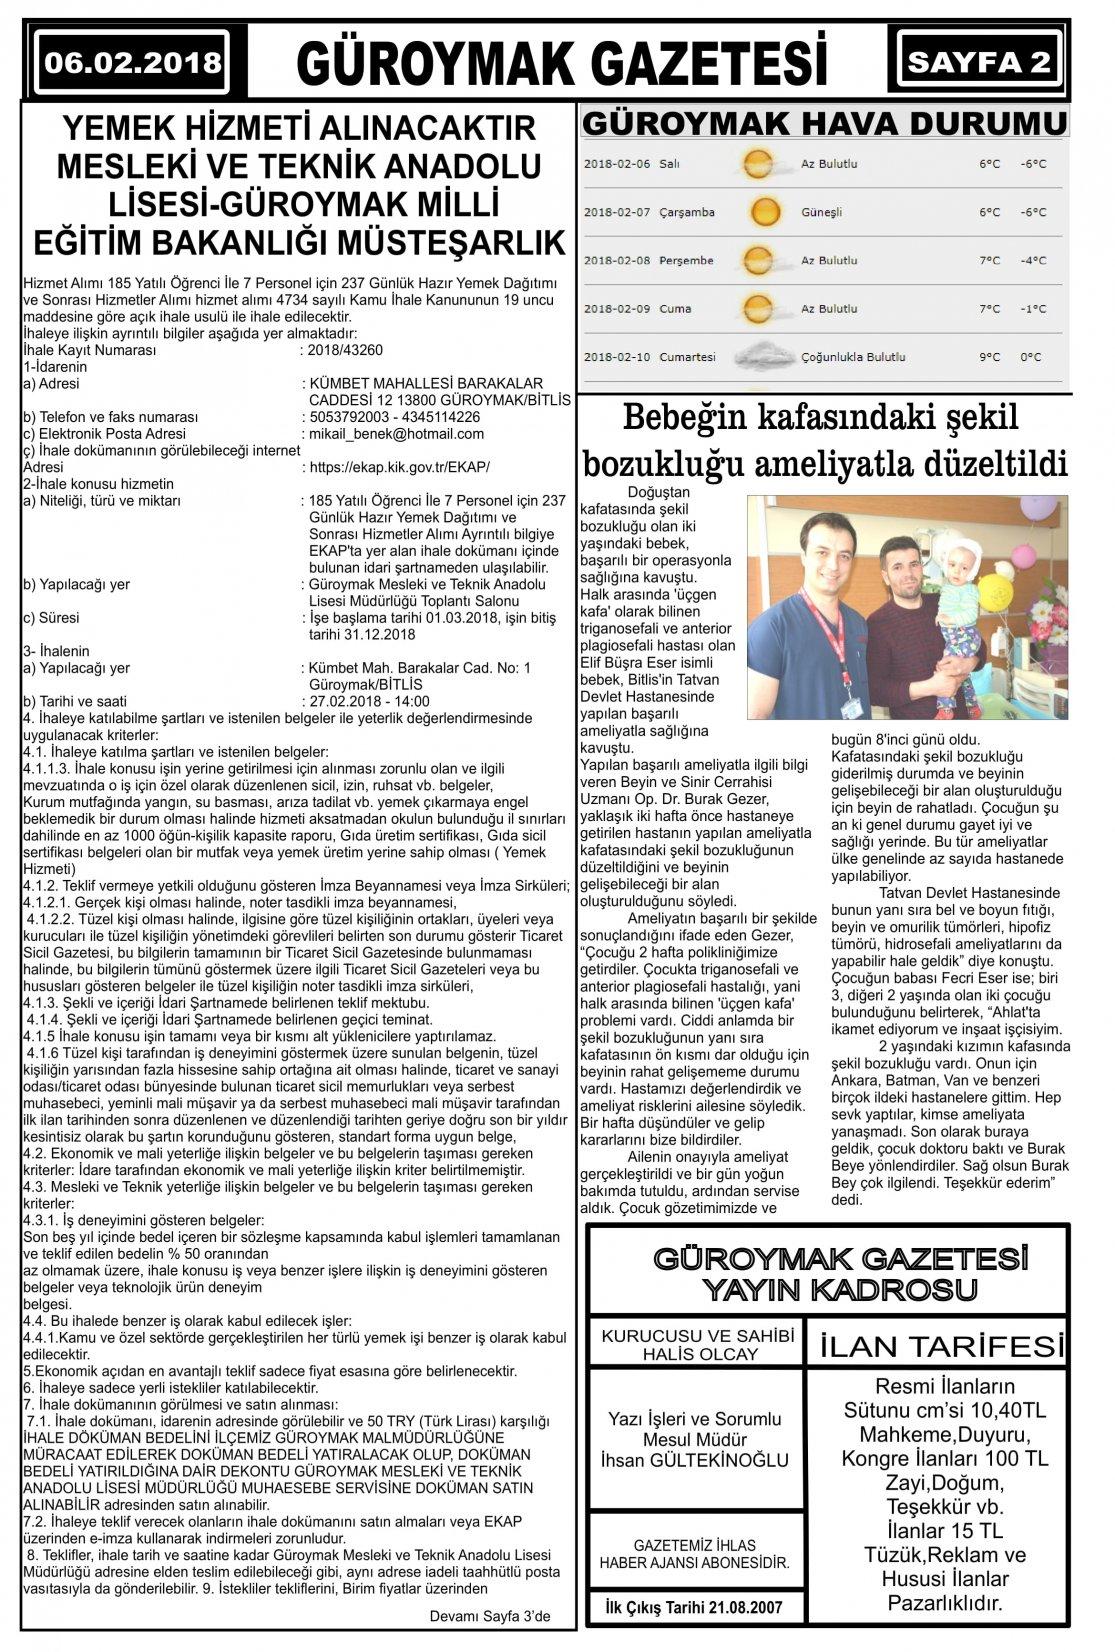 Güroymak Gazetesi 2.jpg Sayılı Gazete Küpürü